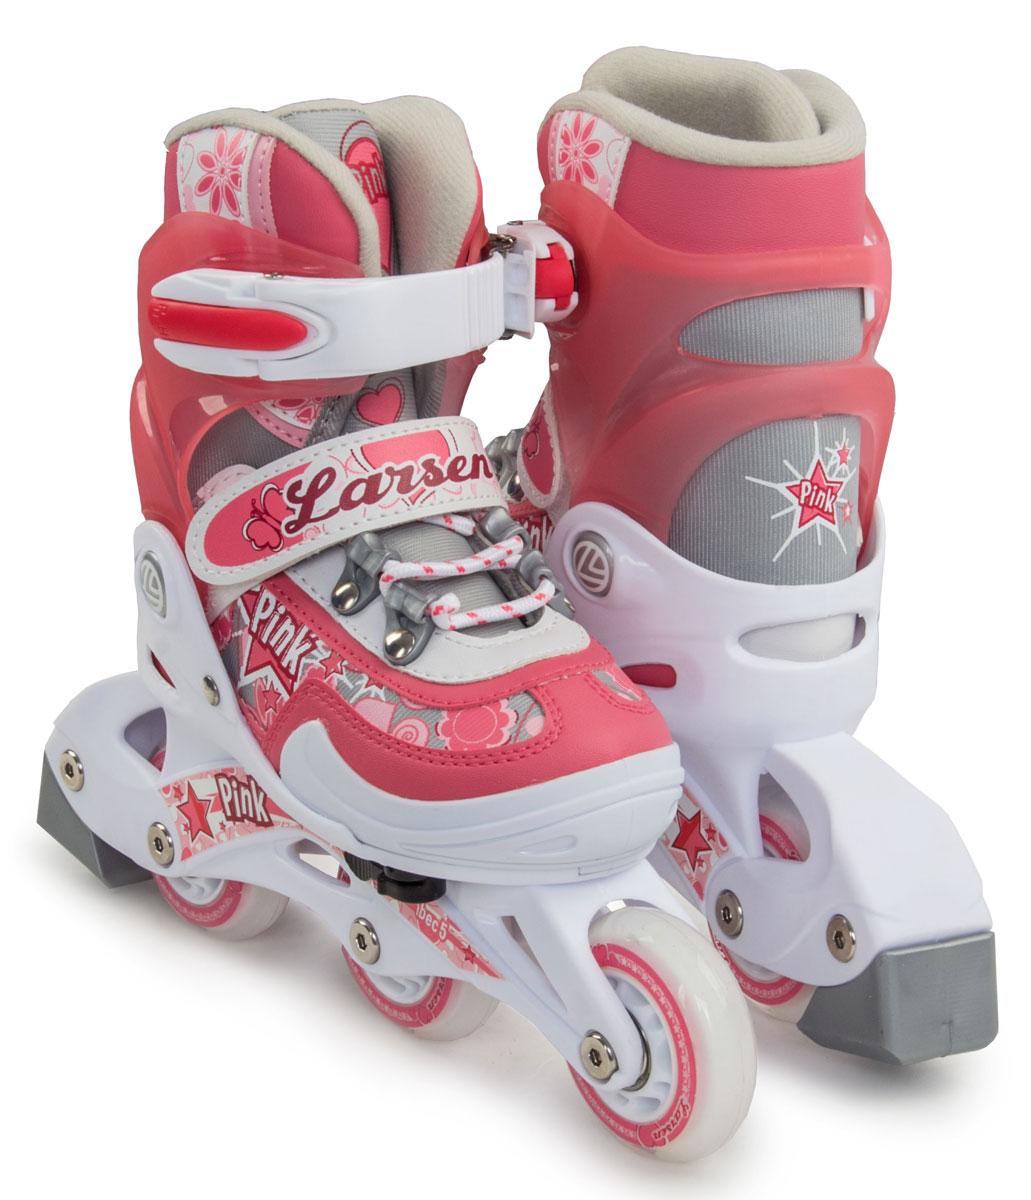 Коньки роликовые для девочки Larsen Pink, цвет: белый, розовый, серый. 202311. Размер 34/37 - Ролики